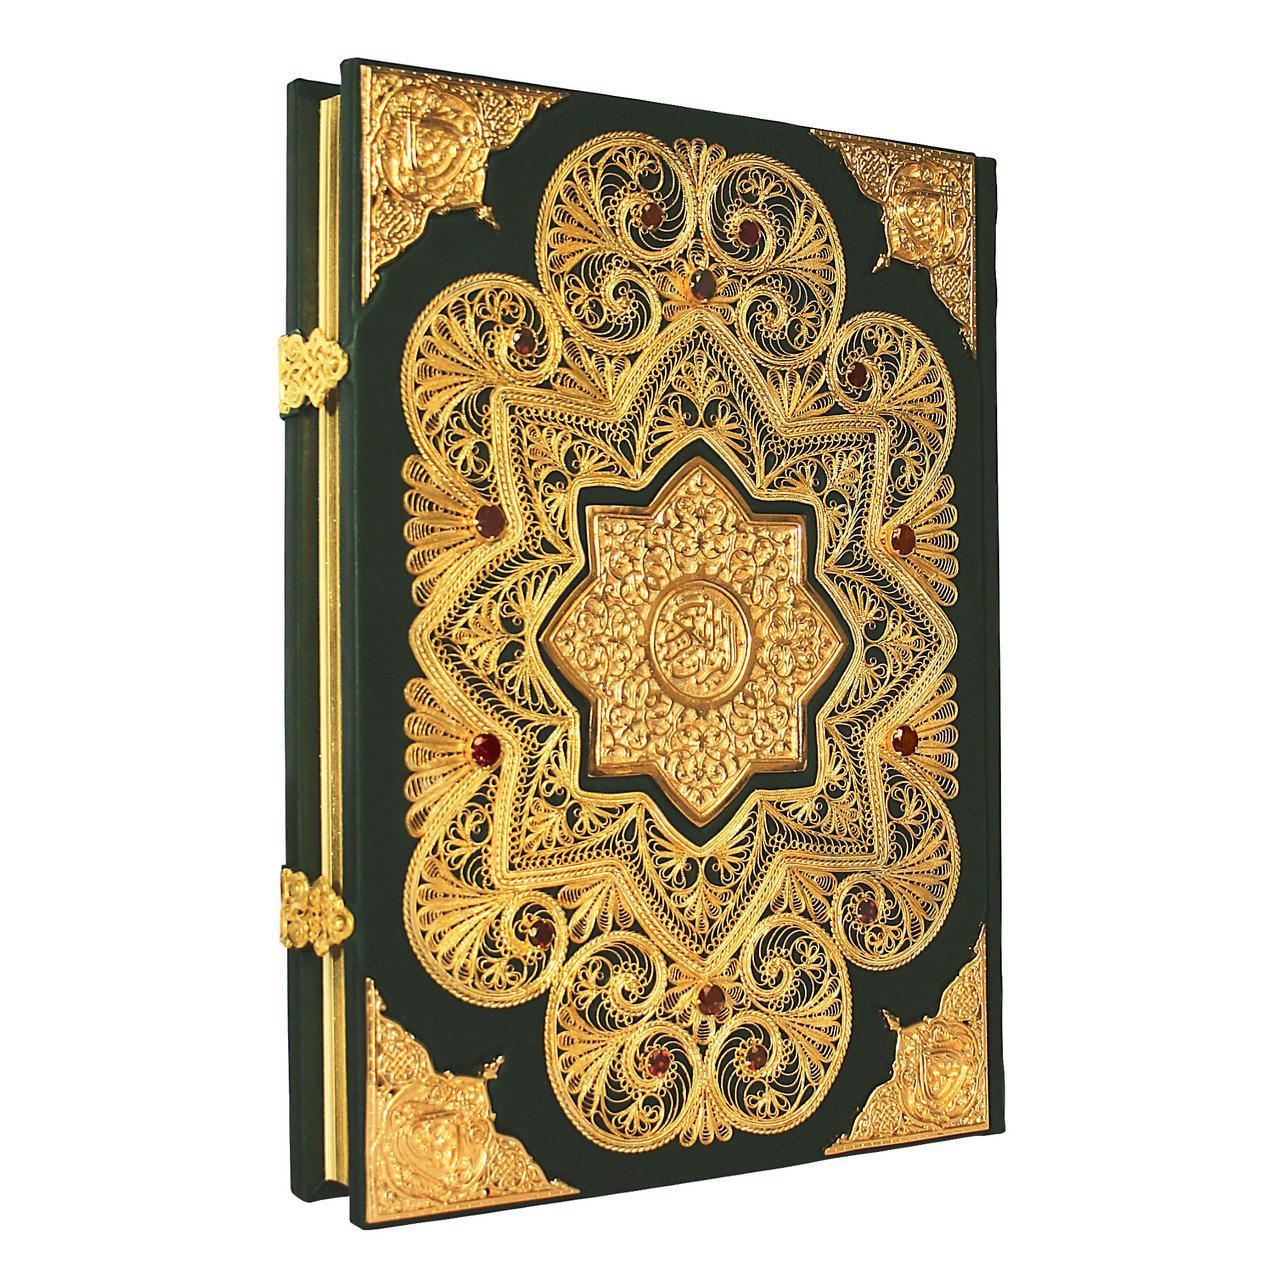 Коран большой на арабском языке с филигранью и гранатами